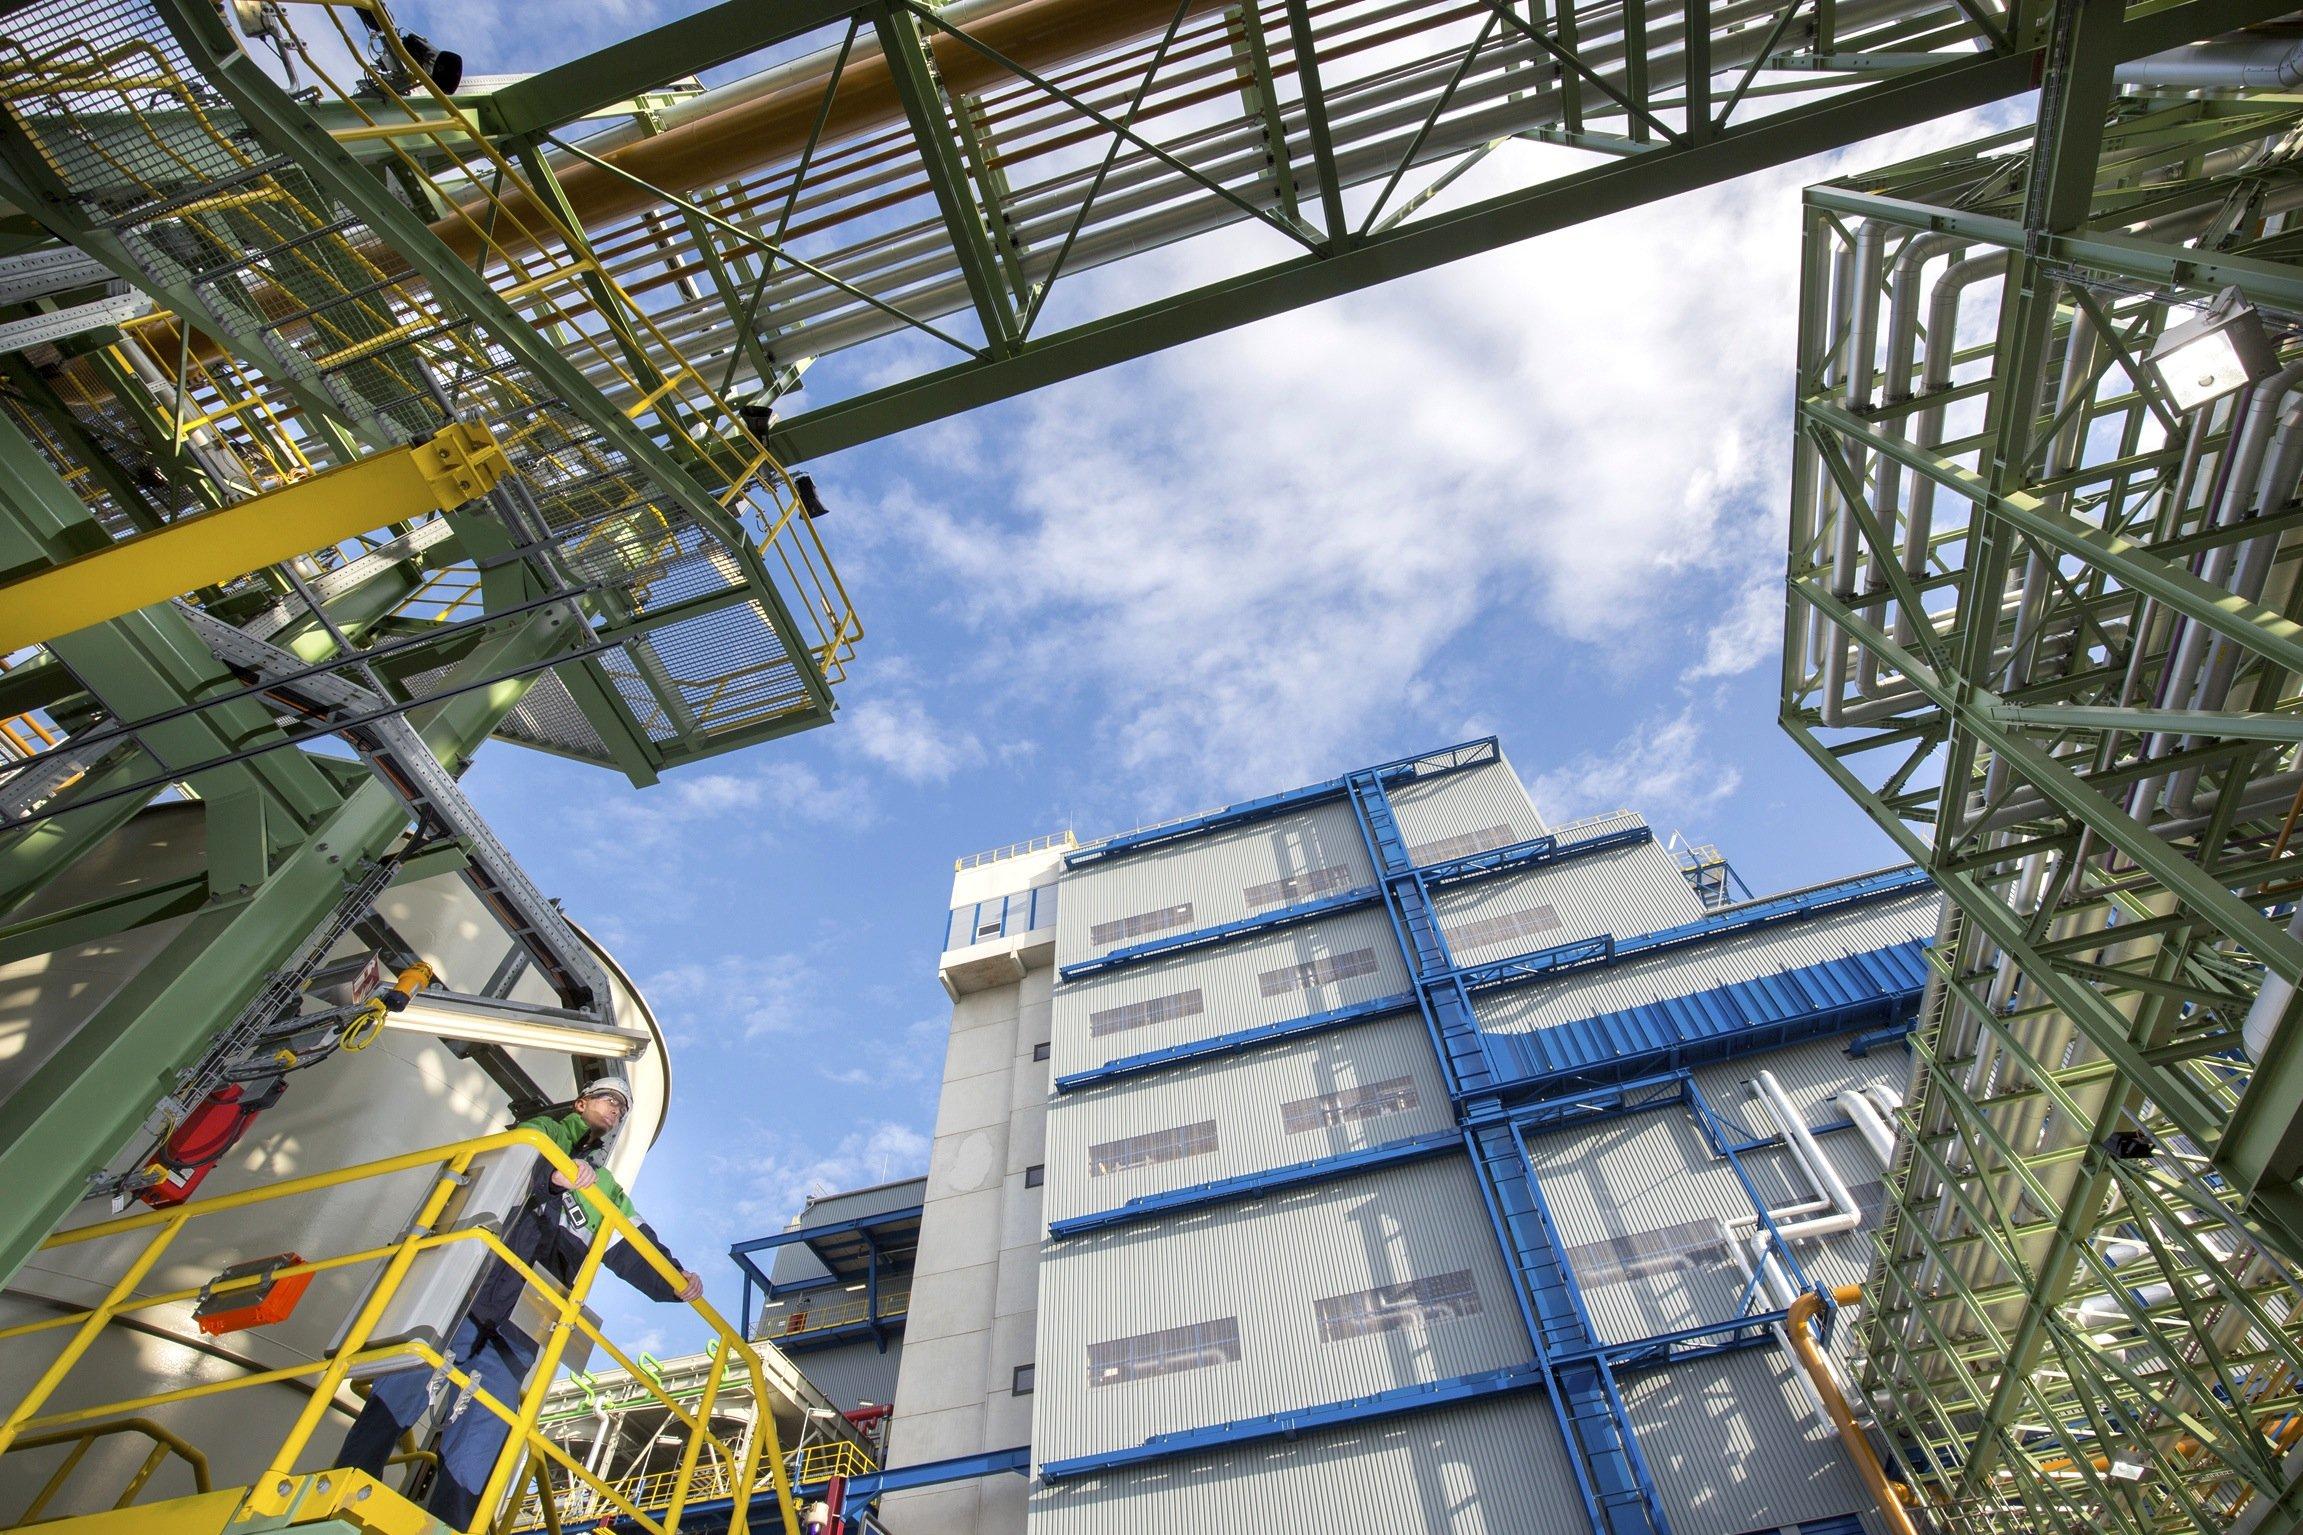 Blick auf die Produktionsstätte von Covestro in Dormagen, in der jetzt auch Schaumstoffe aus CO2 hergestellt werden.